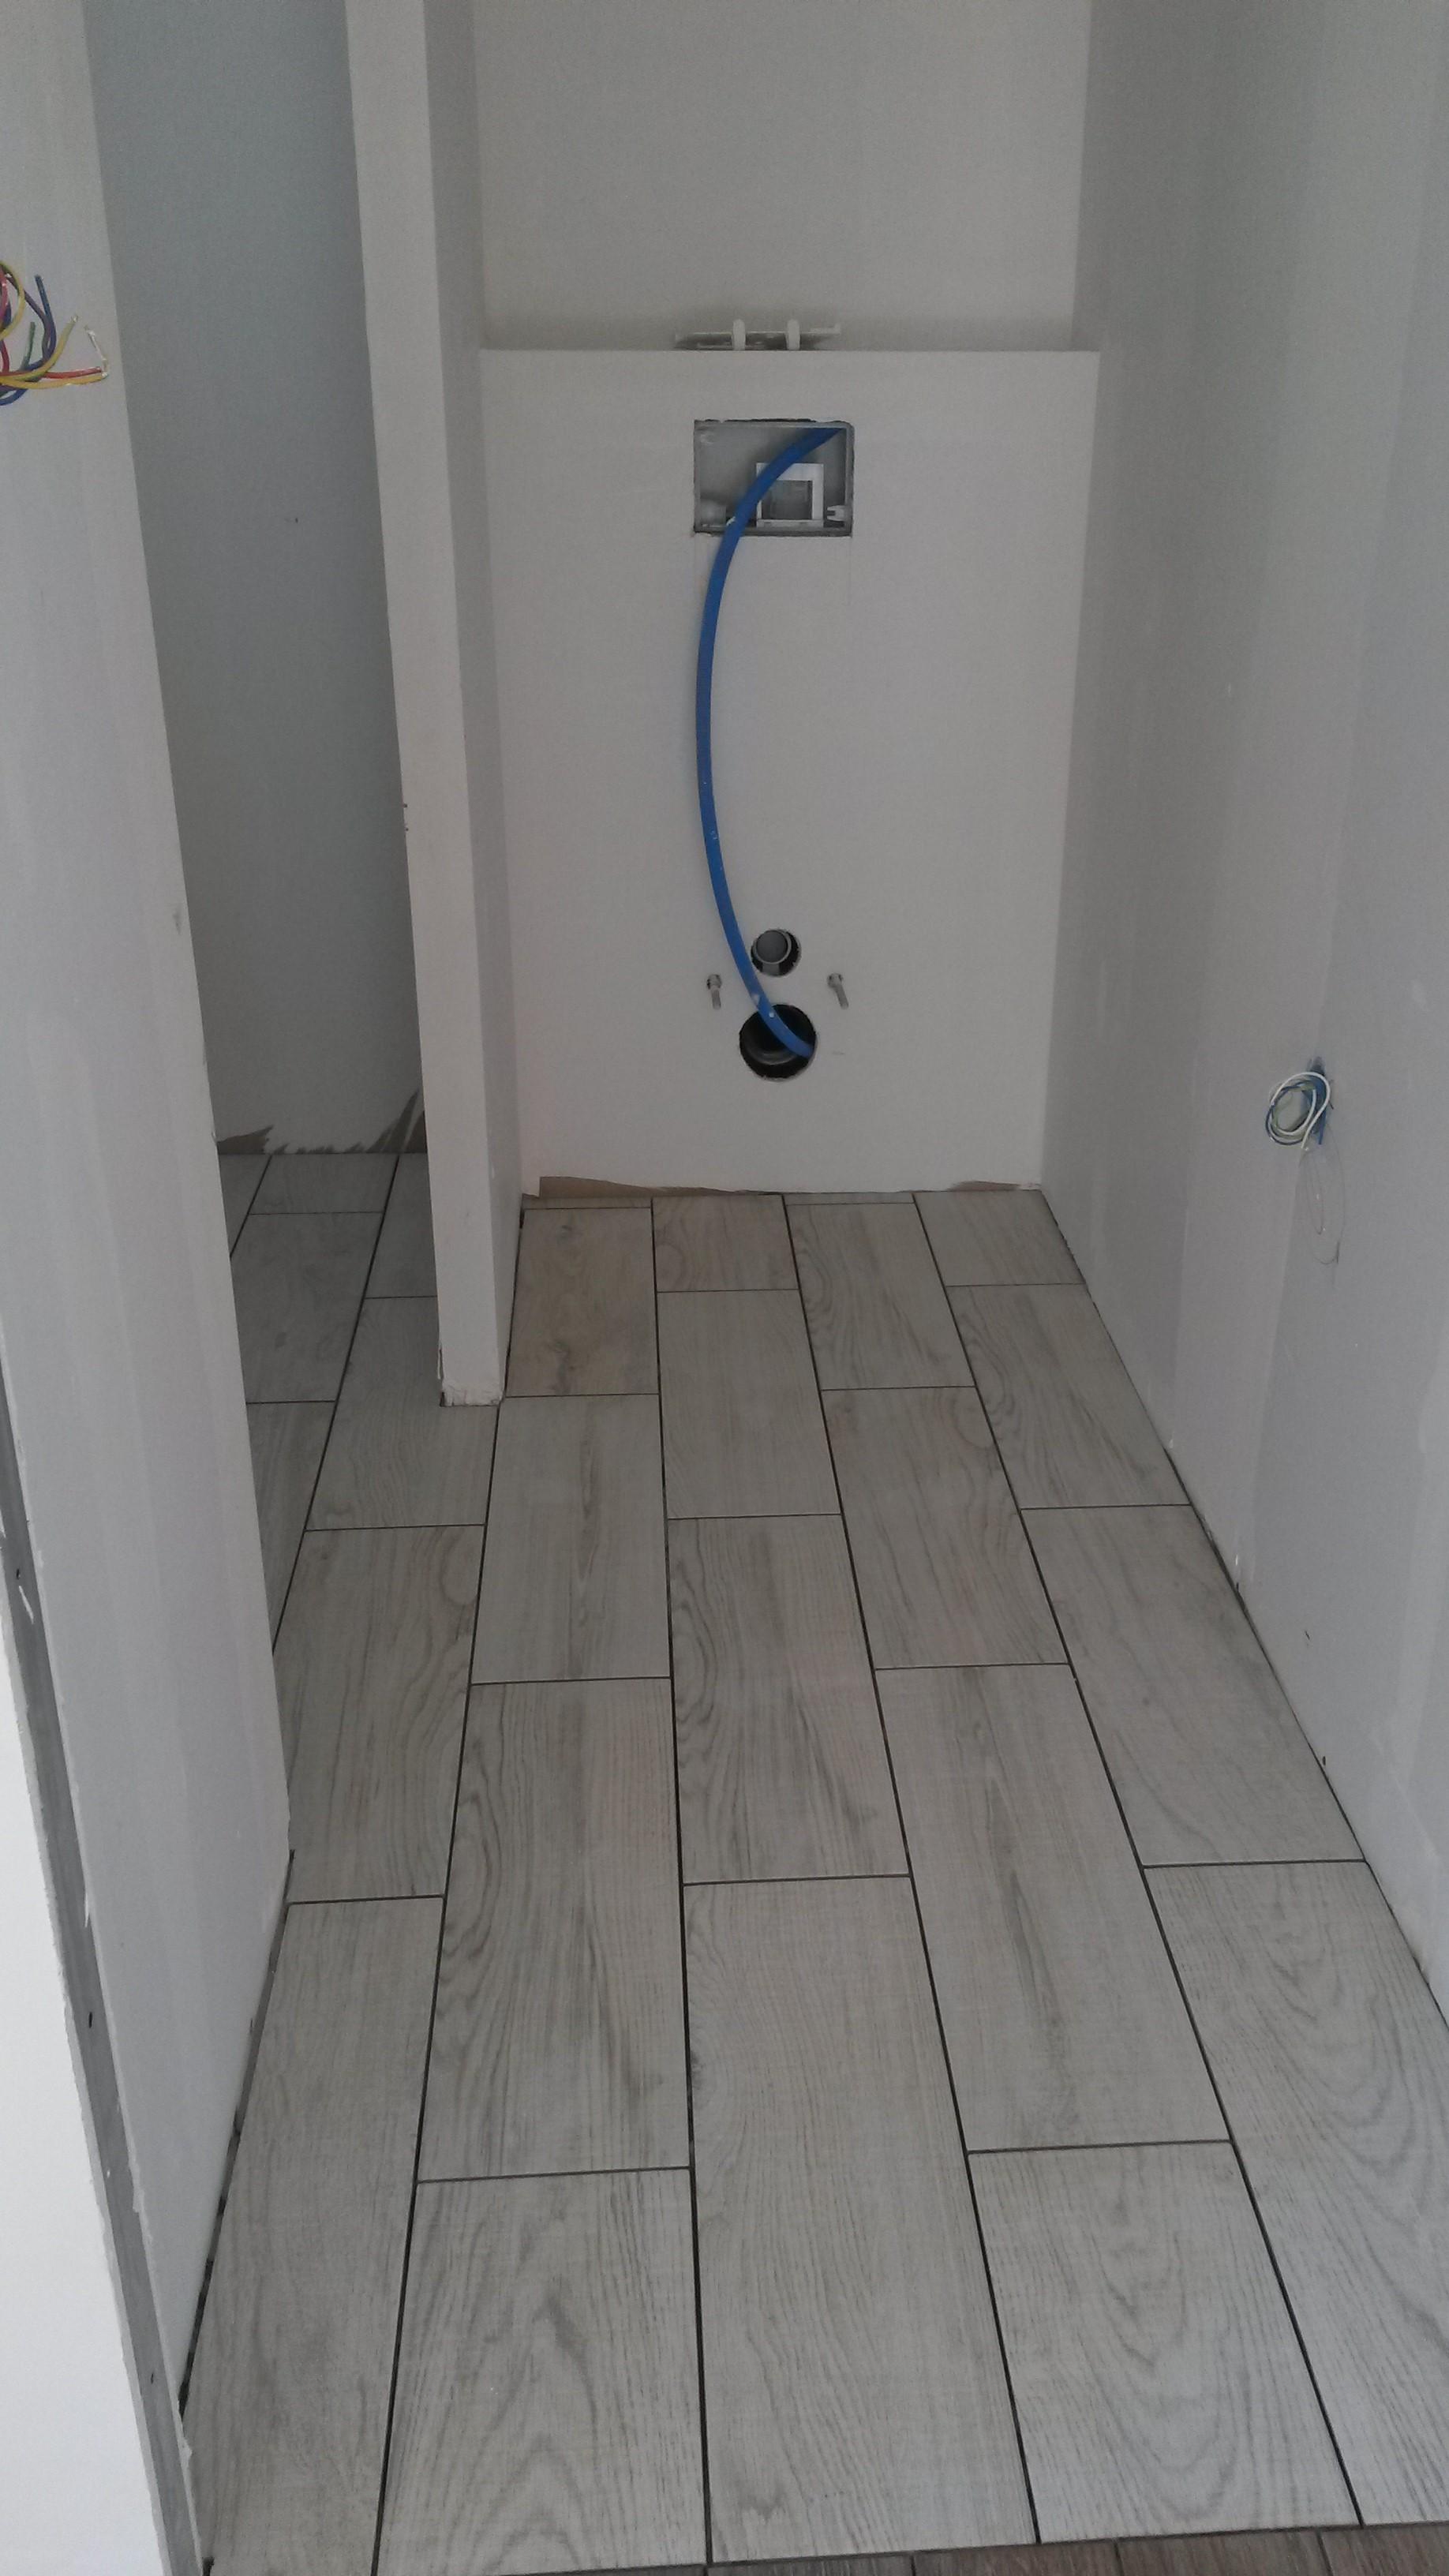 Salle de bain parquet carrelage - Parquet flottant pour salle de bain ...